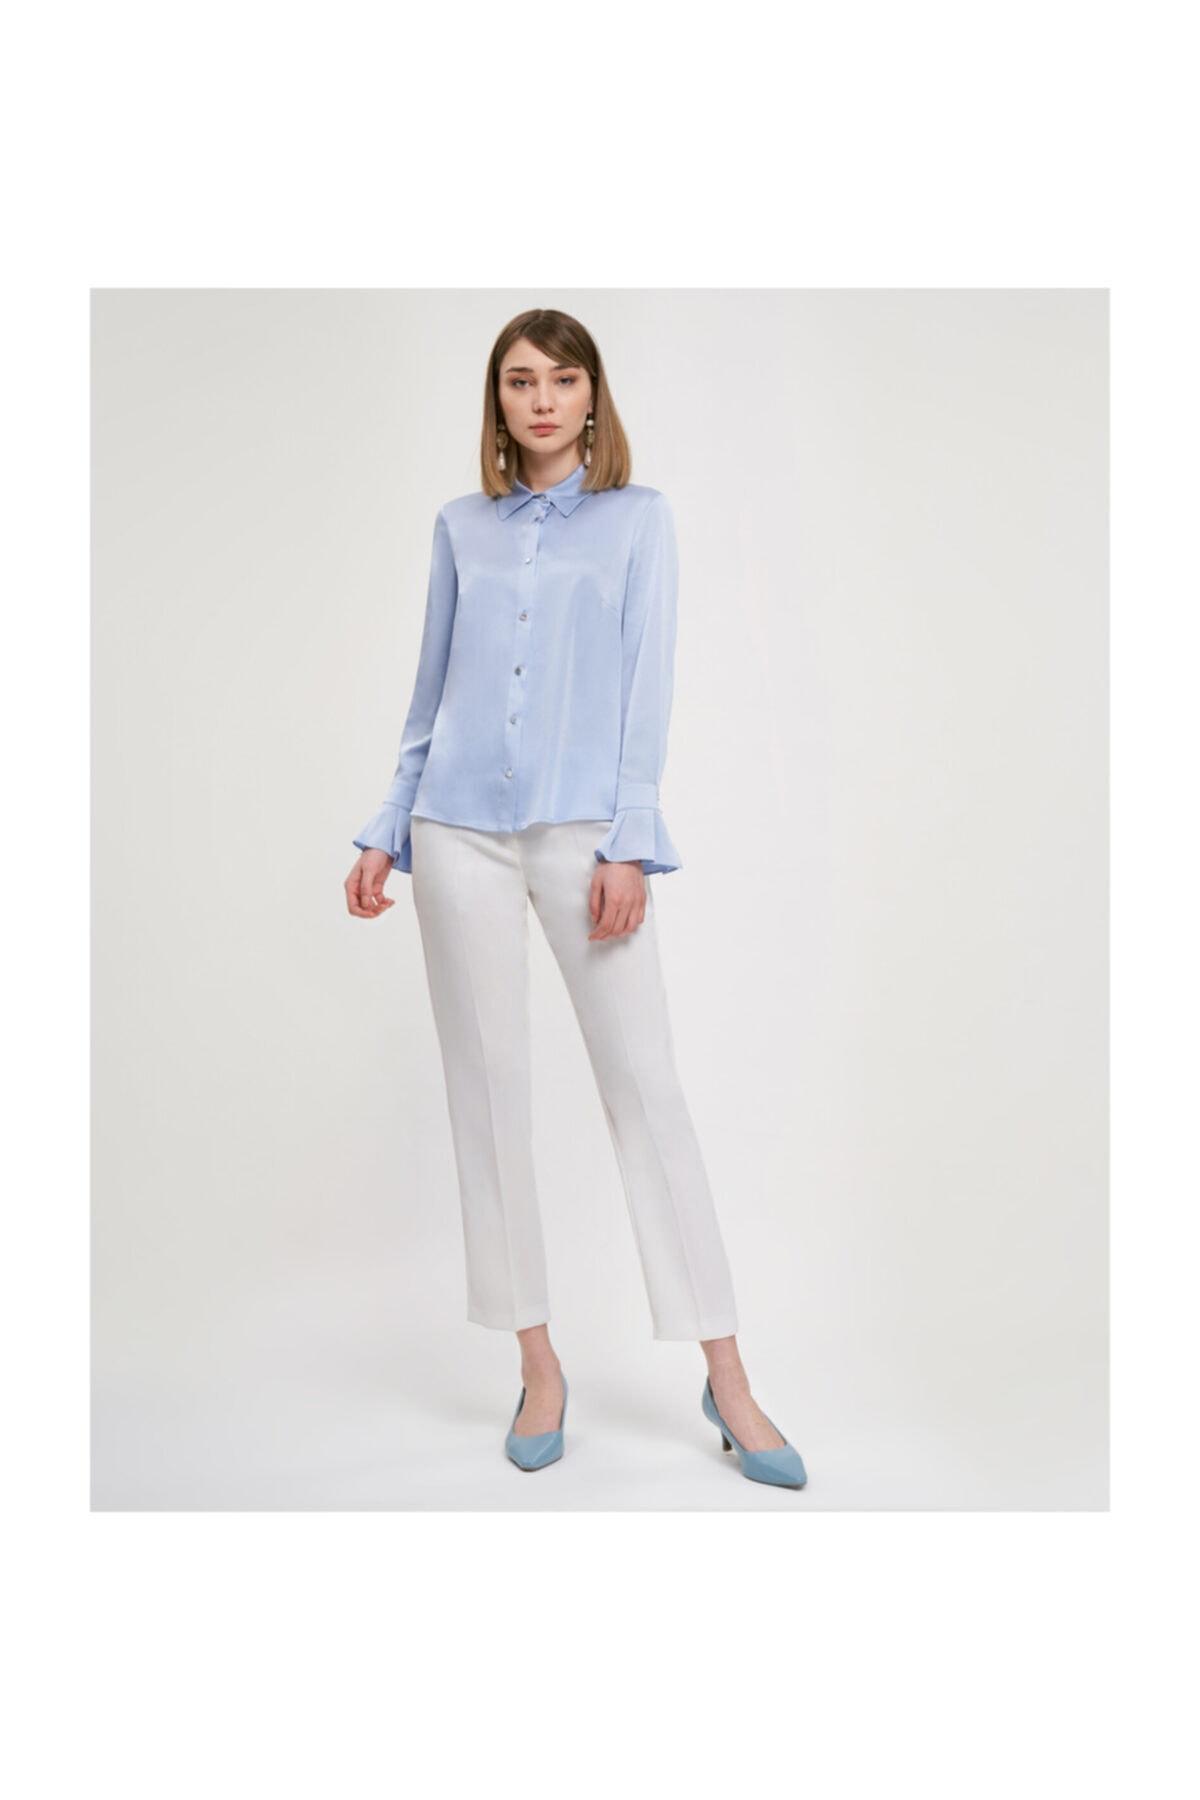 Aker Manşetli Açık Mavi Bluz V23070256 1